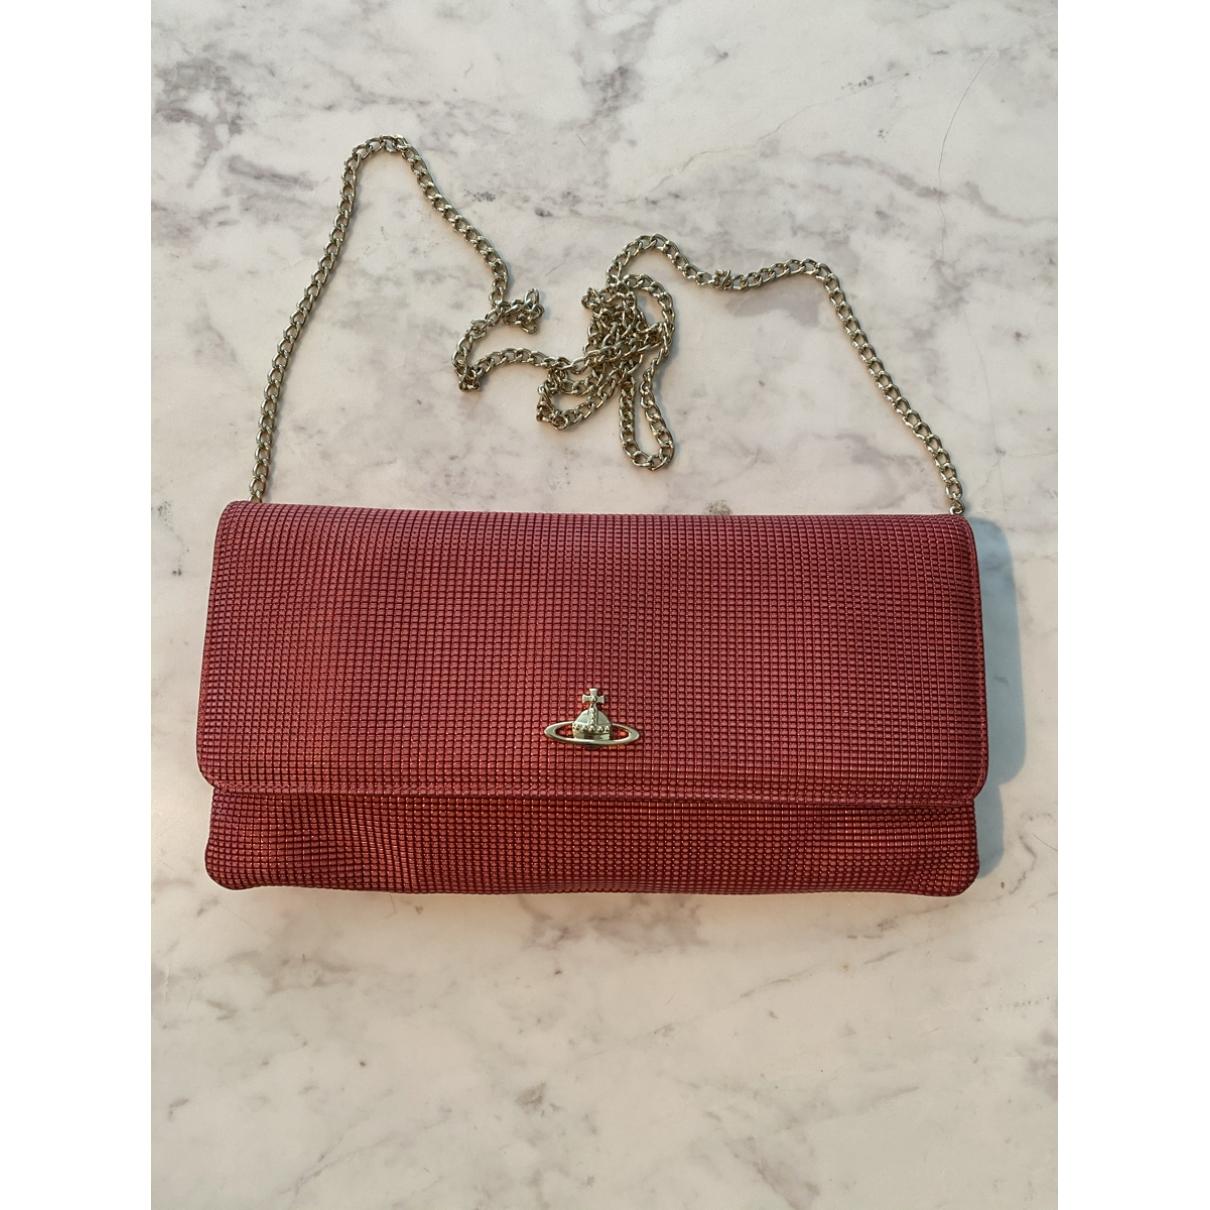 Vivienne Westwood \N Pink handbag for Women \N